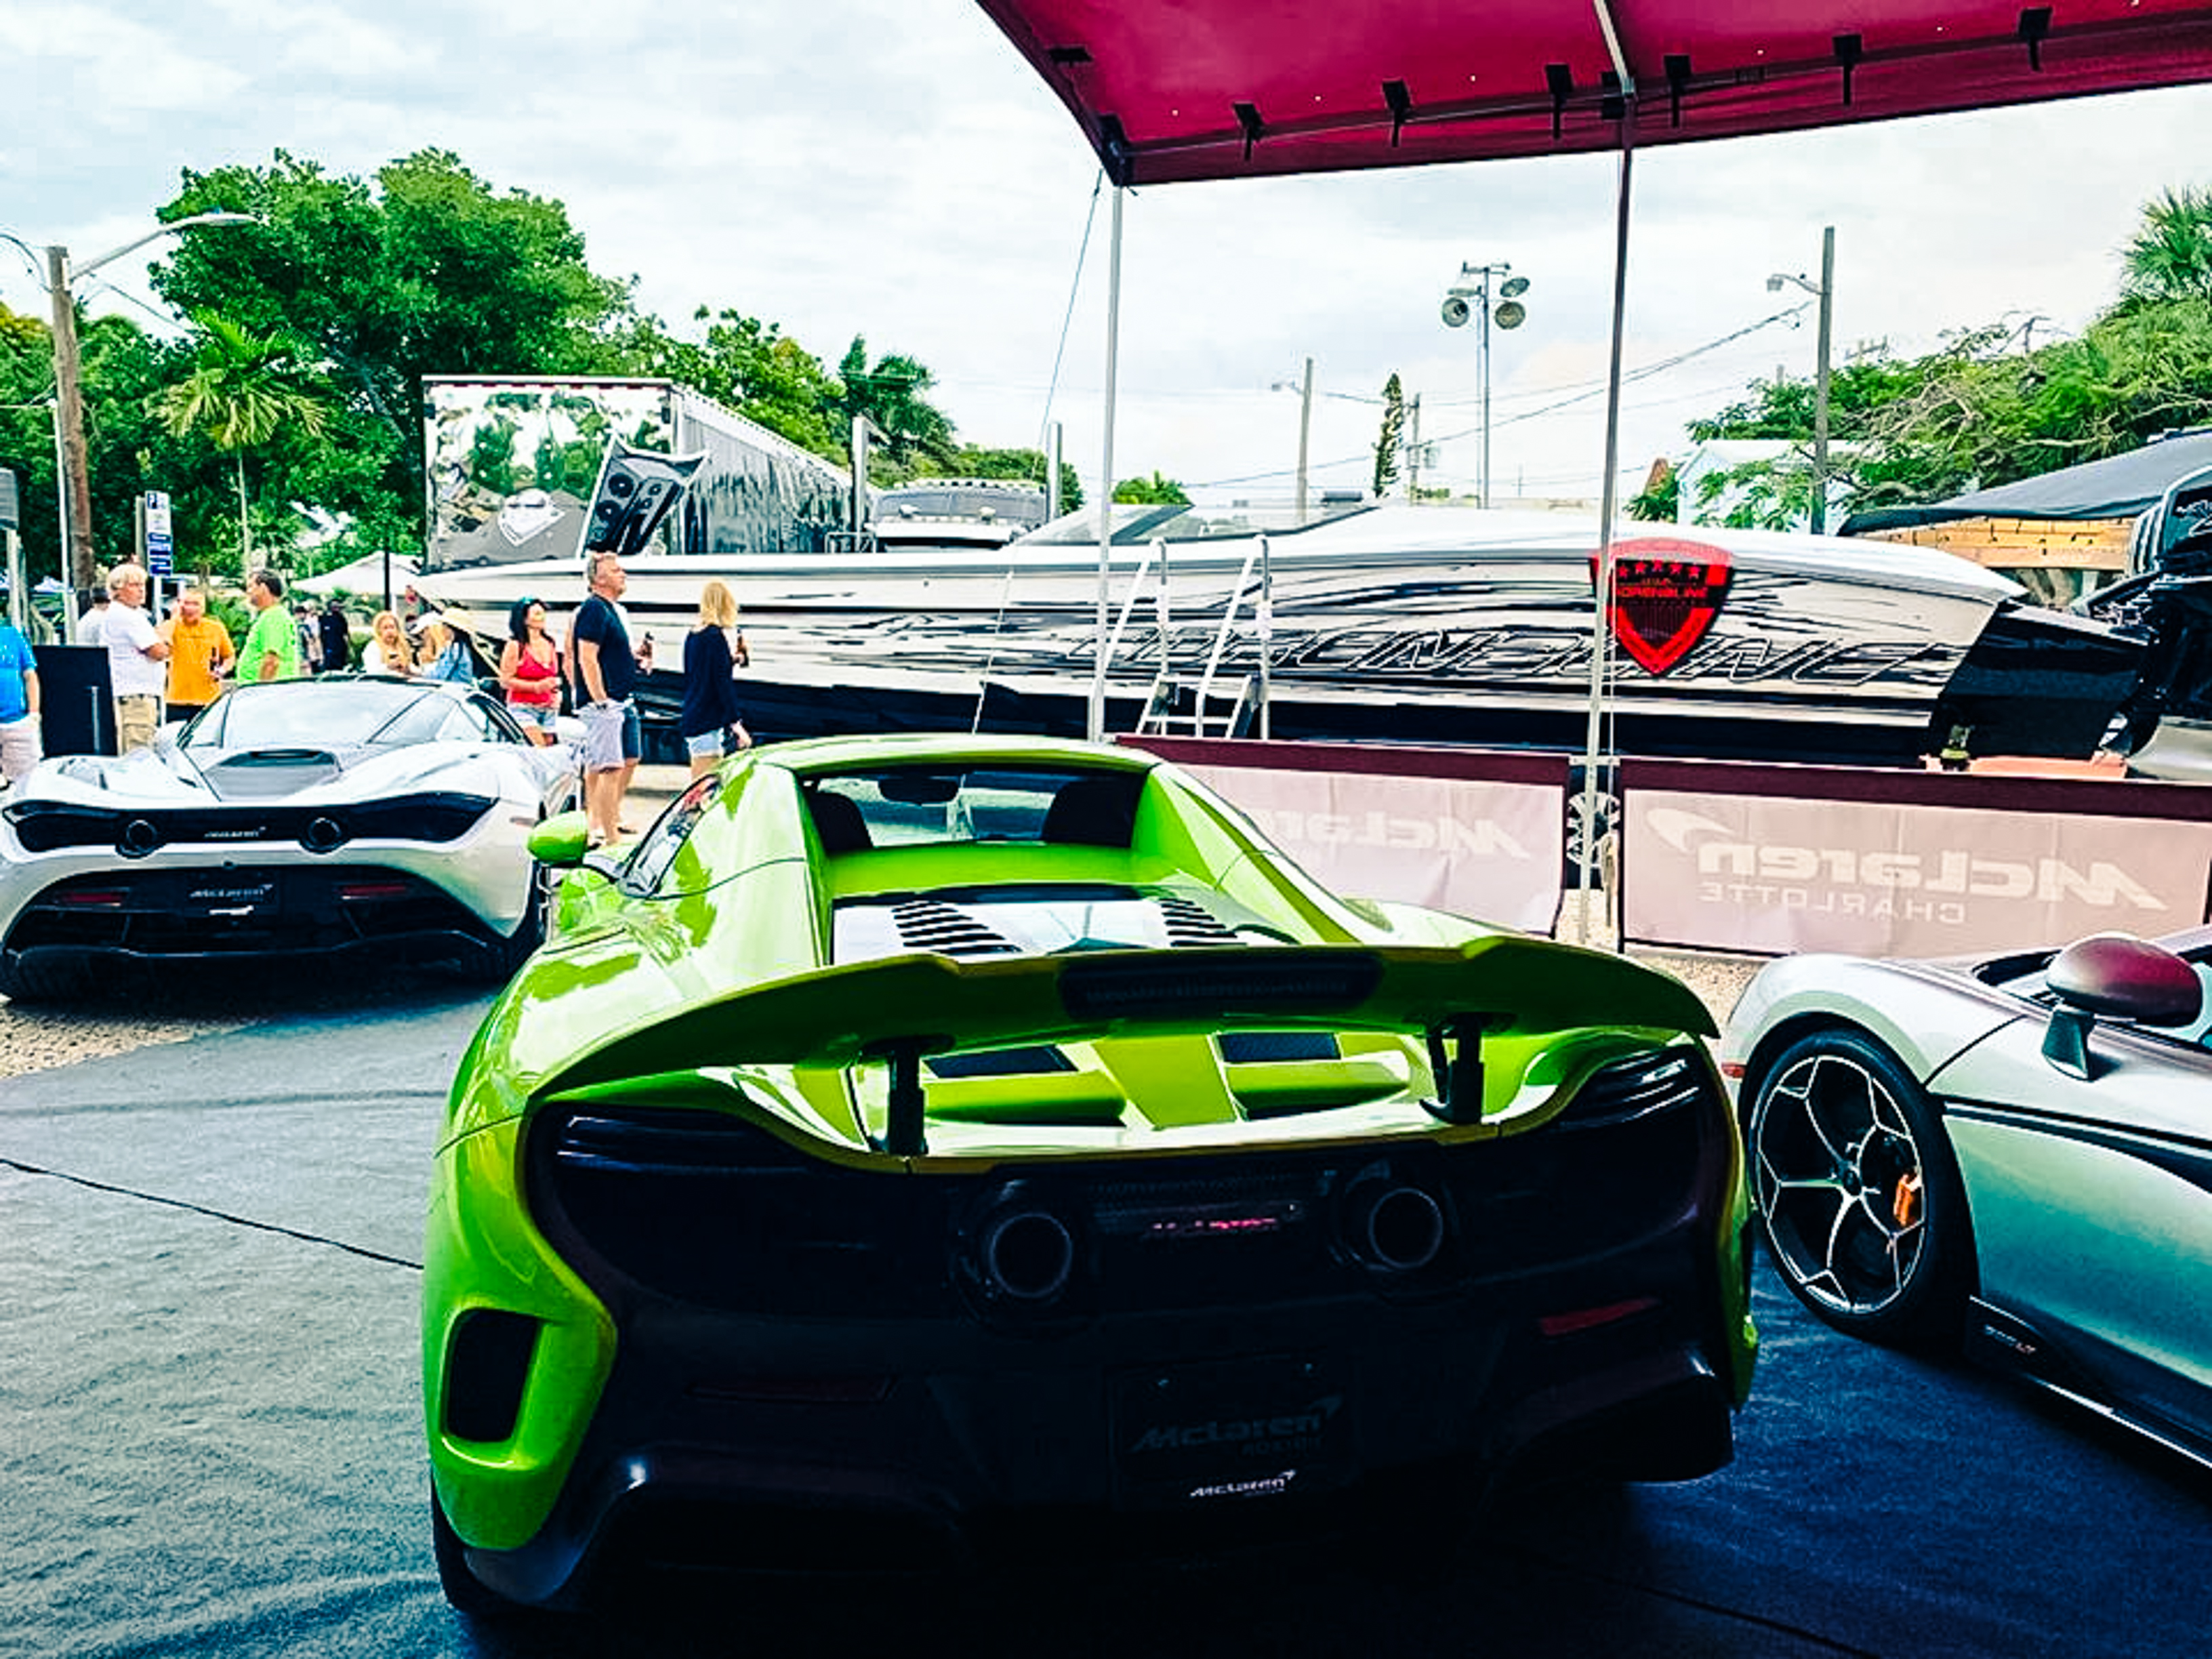 14 adrenaline 45 Speede.jpg